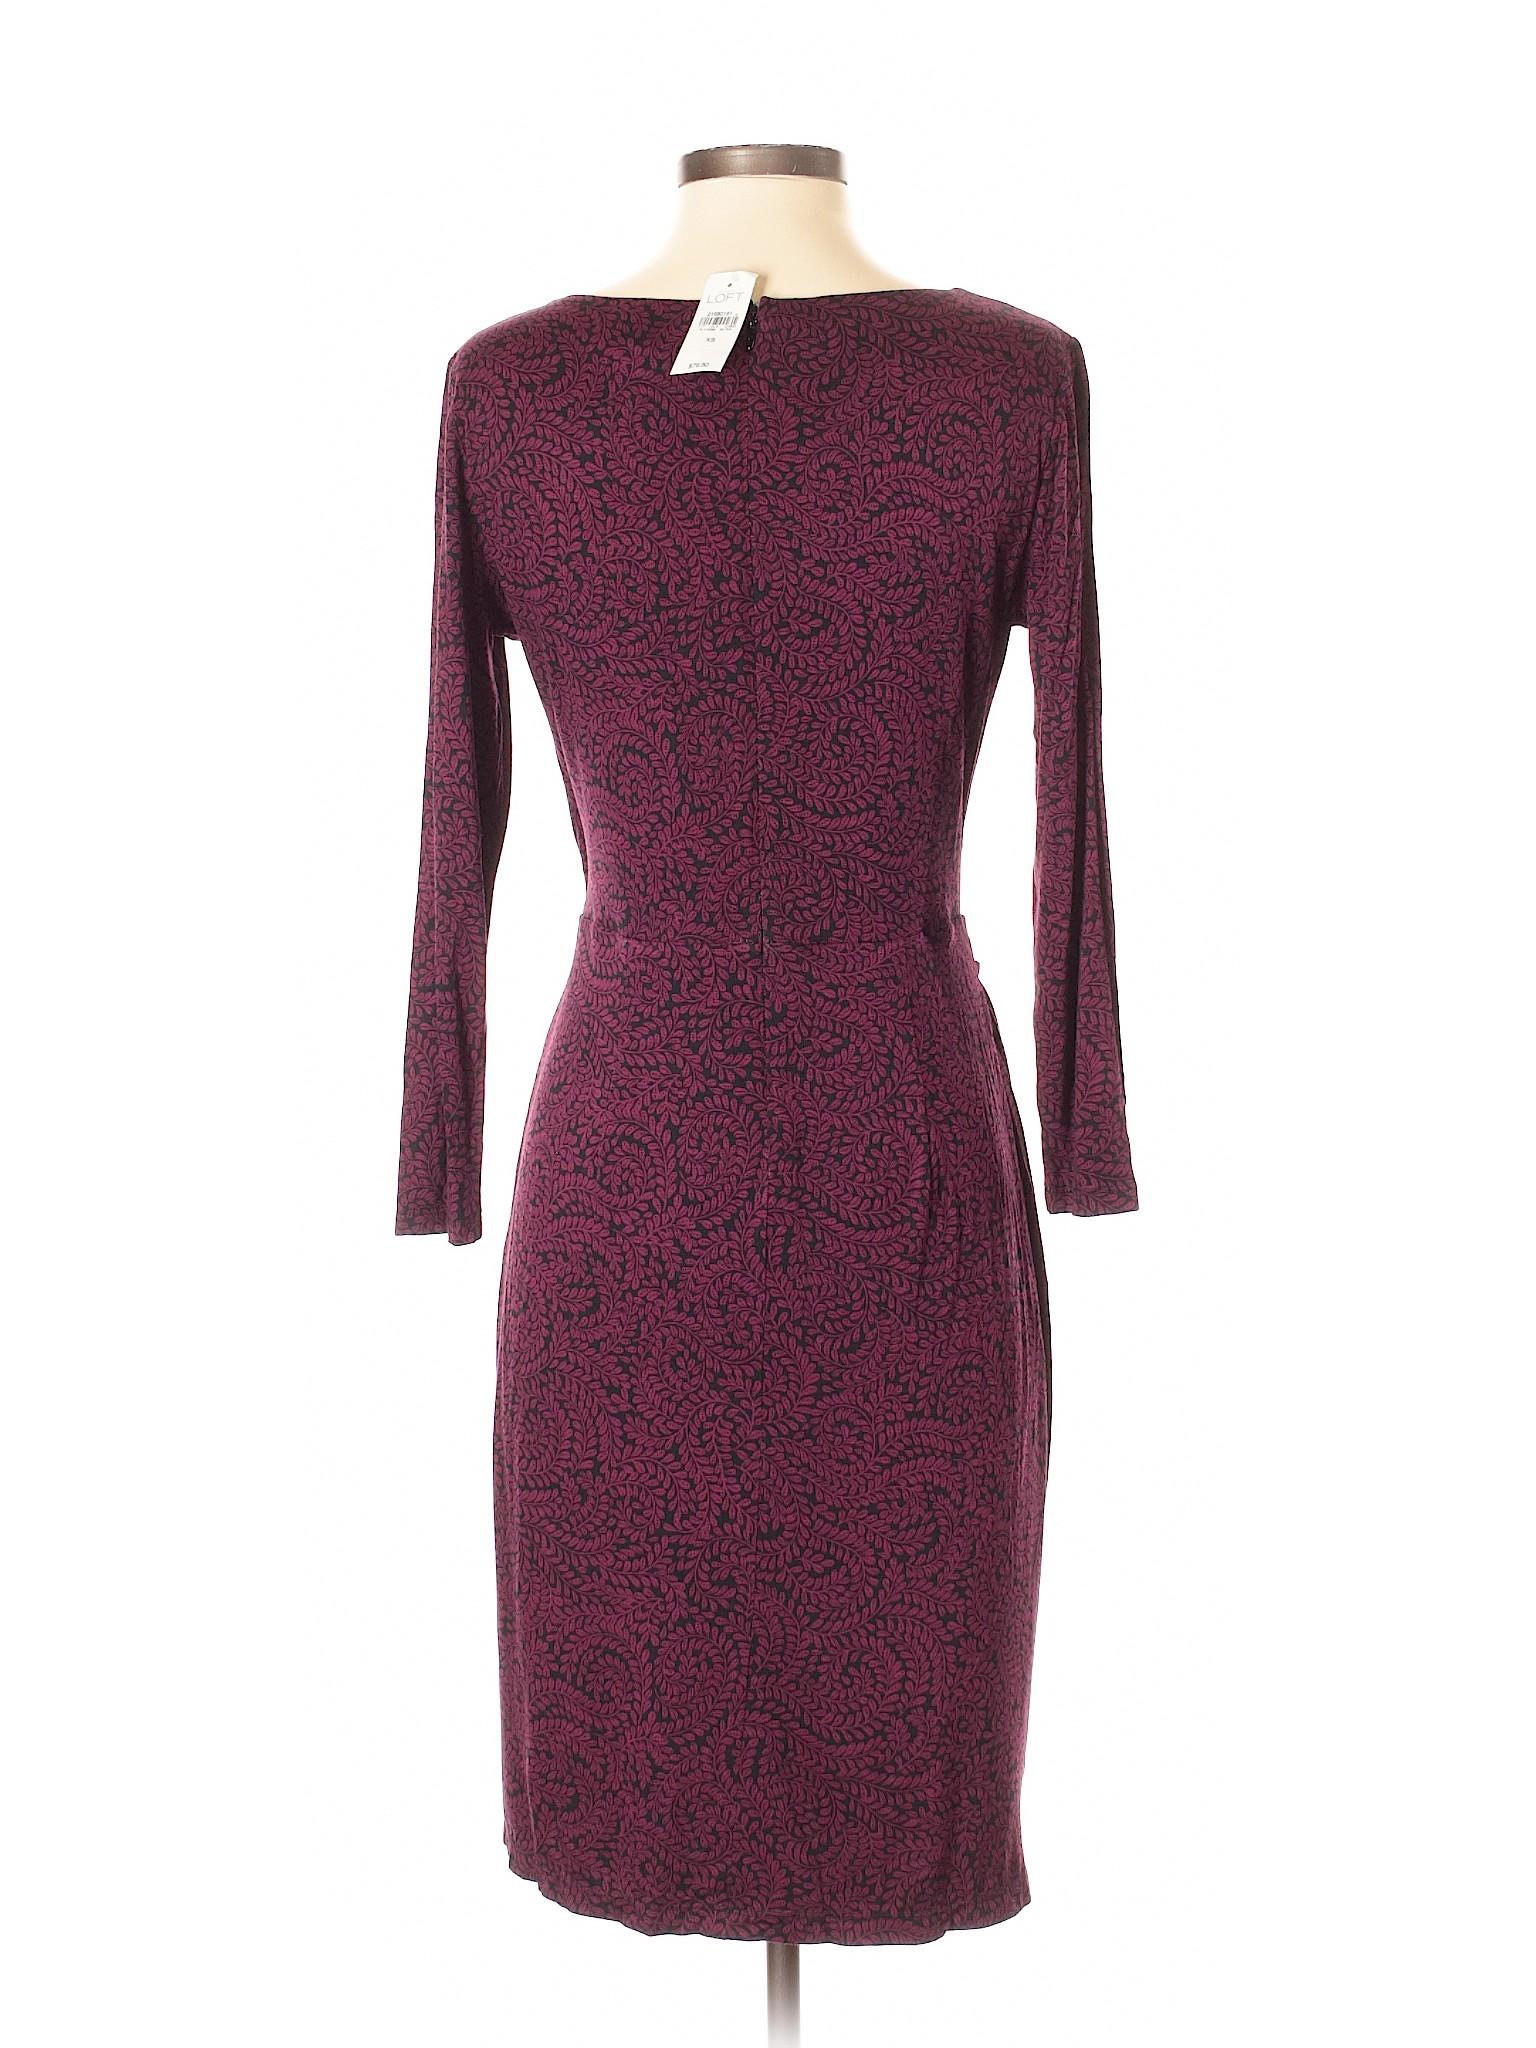 Ann Dress Taylor LOFT Casual winter Boutique 0UzZOz